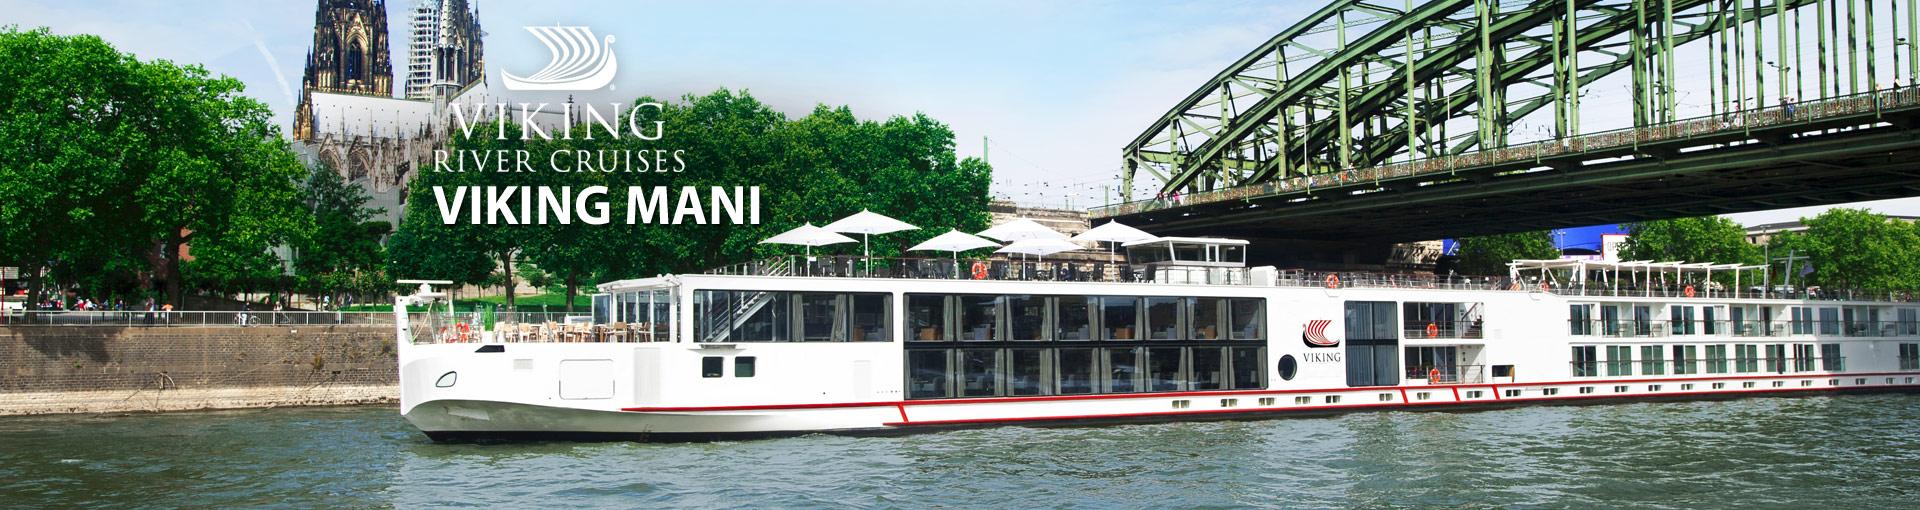 Viking River Viking Mani river cruise ship